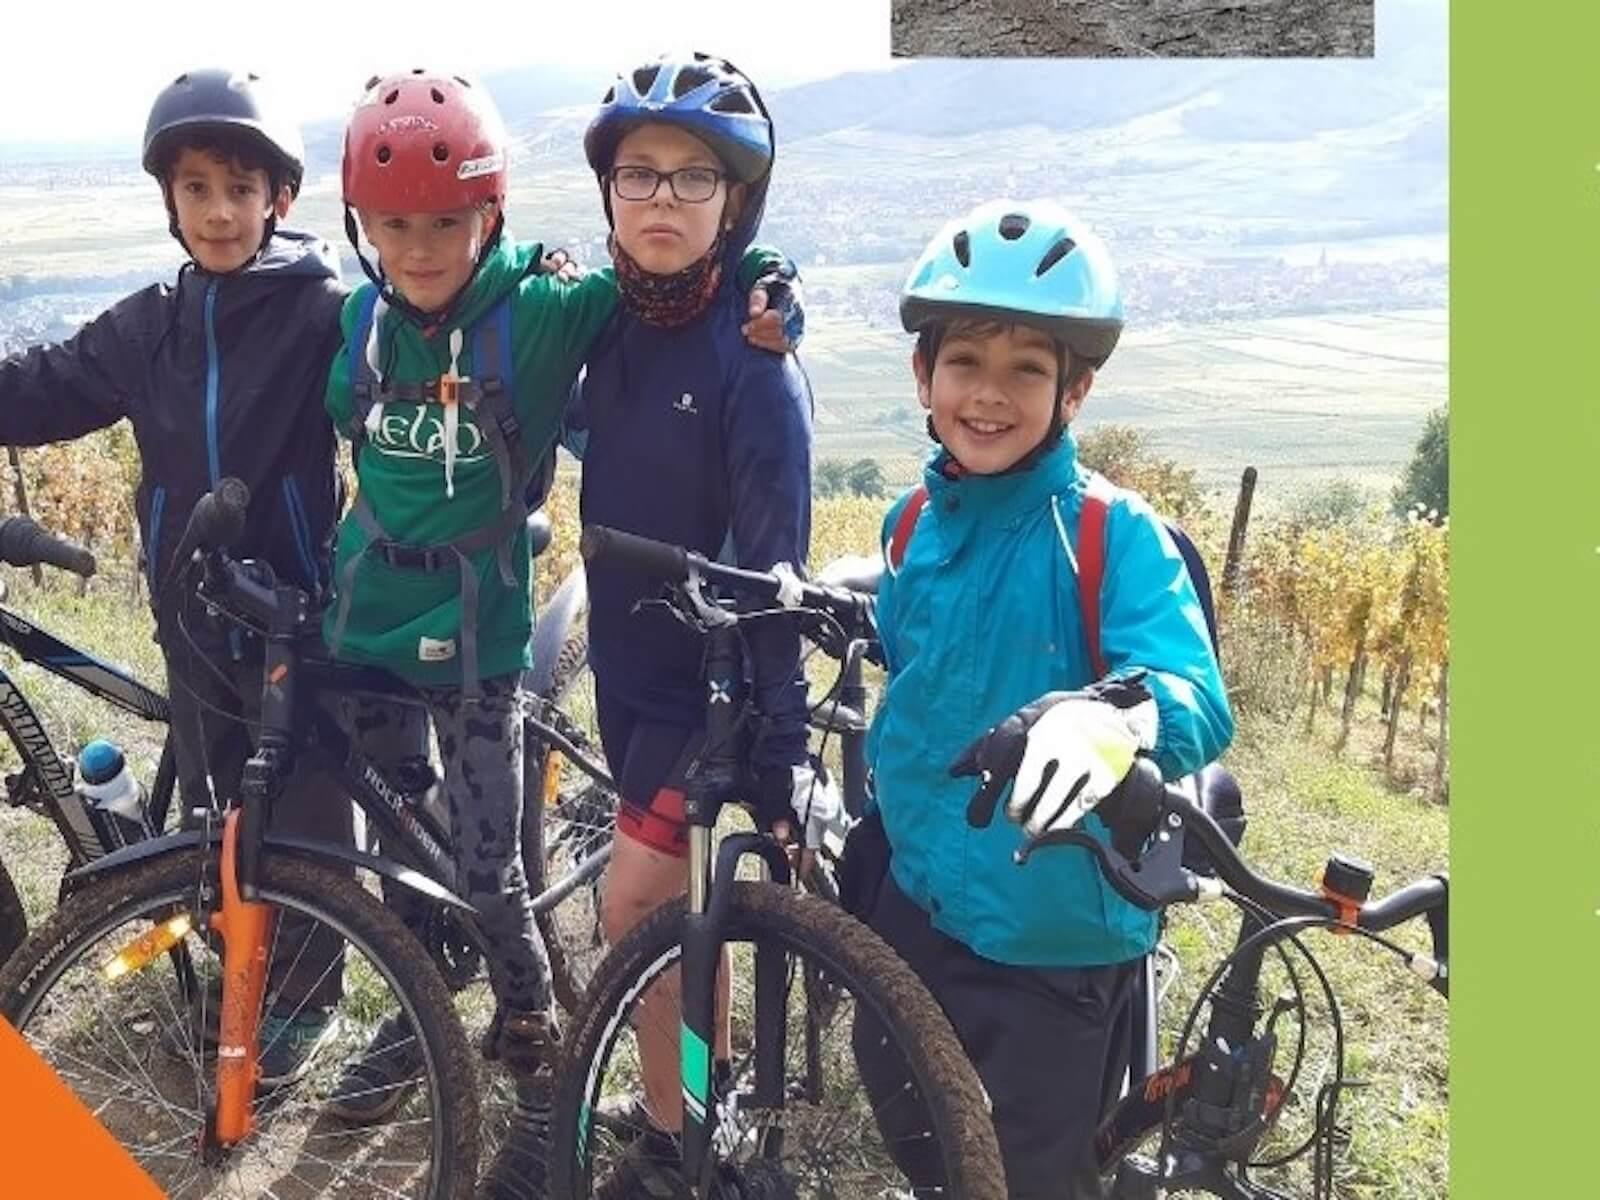 Cours vélo - Les biclous